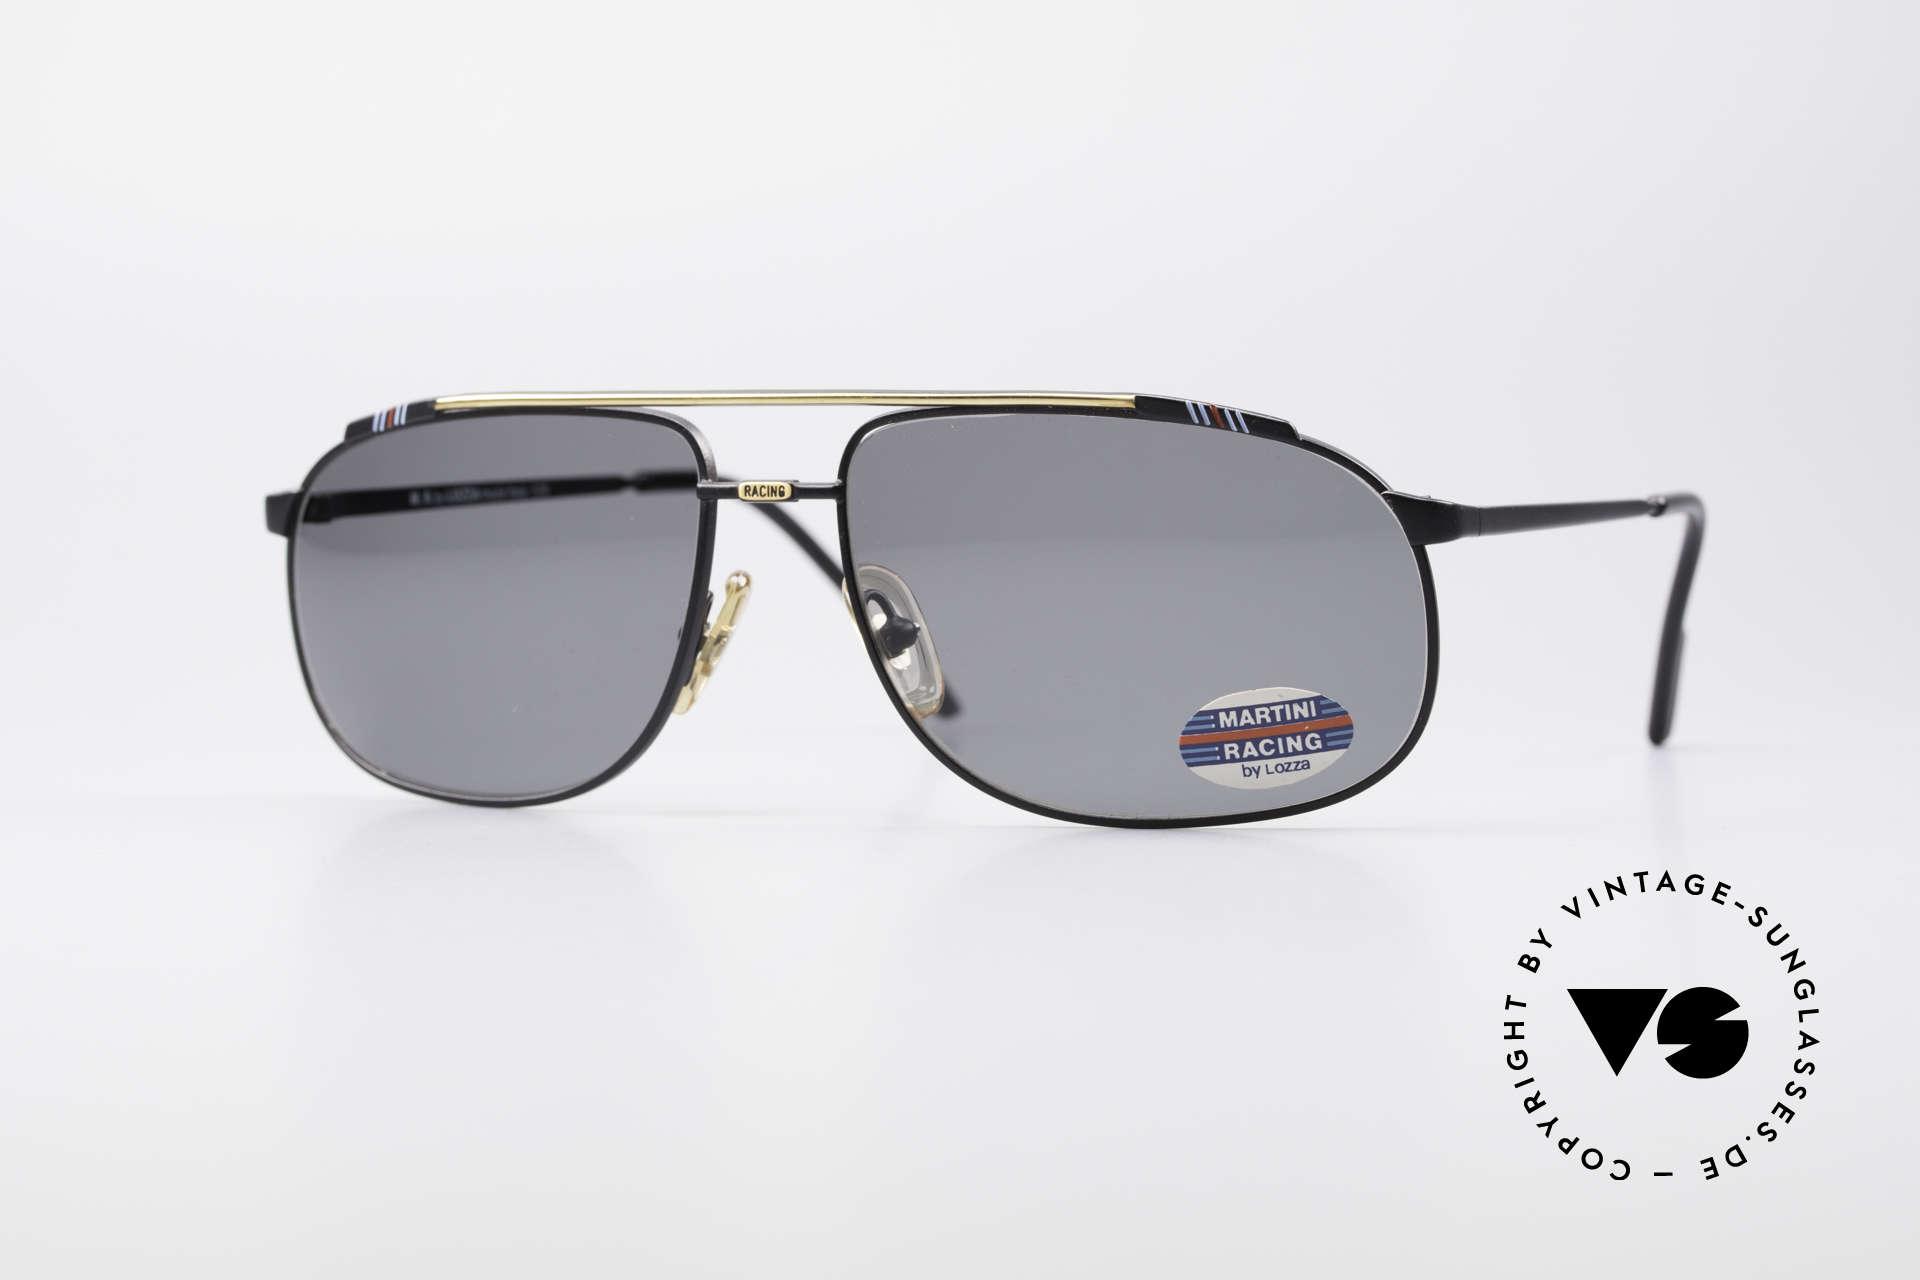 Martini Racing - Tenere Rennfahrer Sonnenbrille, in den 70ern, Martini wurde berühmt in Verbindung mit, Passend für Herren